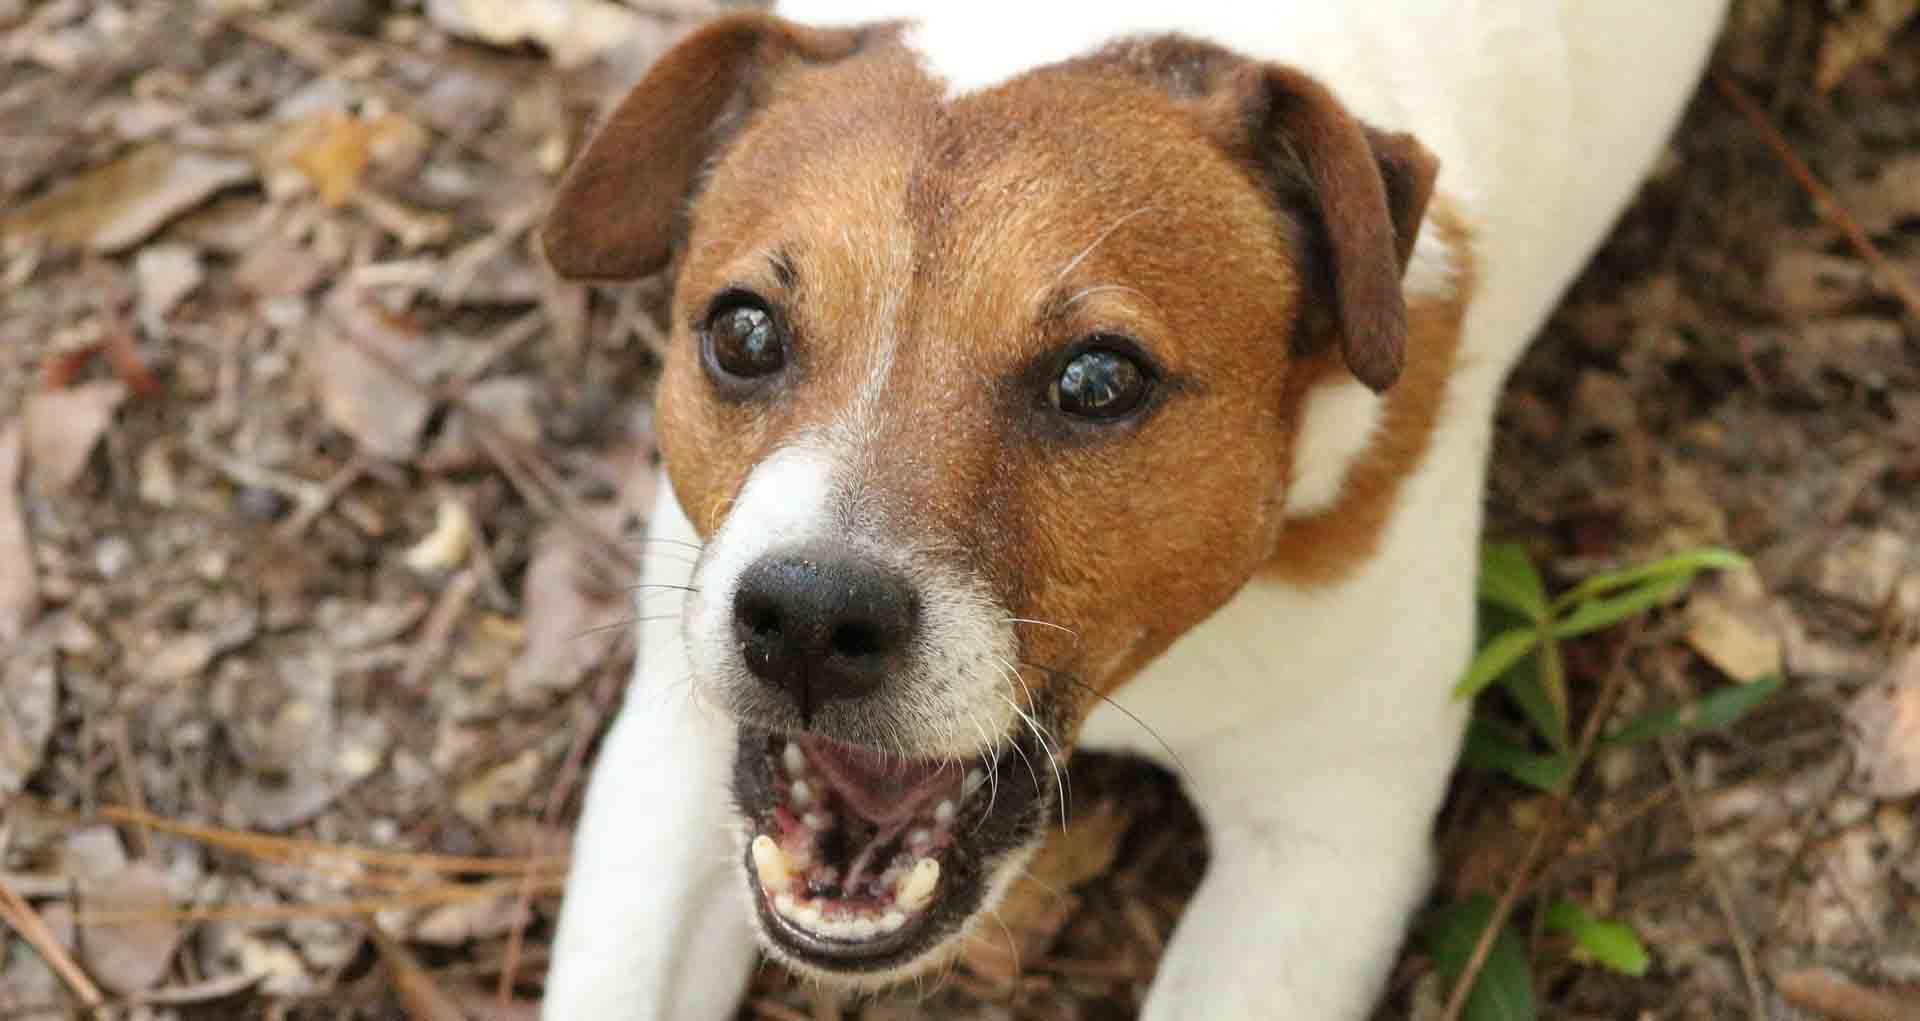 Народна странка Трговиште: Агресивни пси луталилце нападају децу и одрасле, општина ништа не предузима